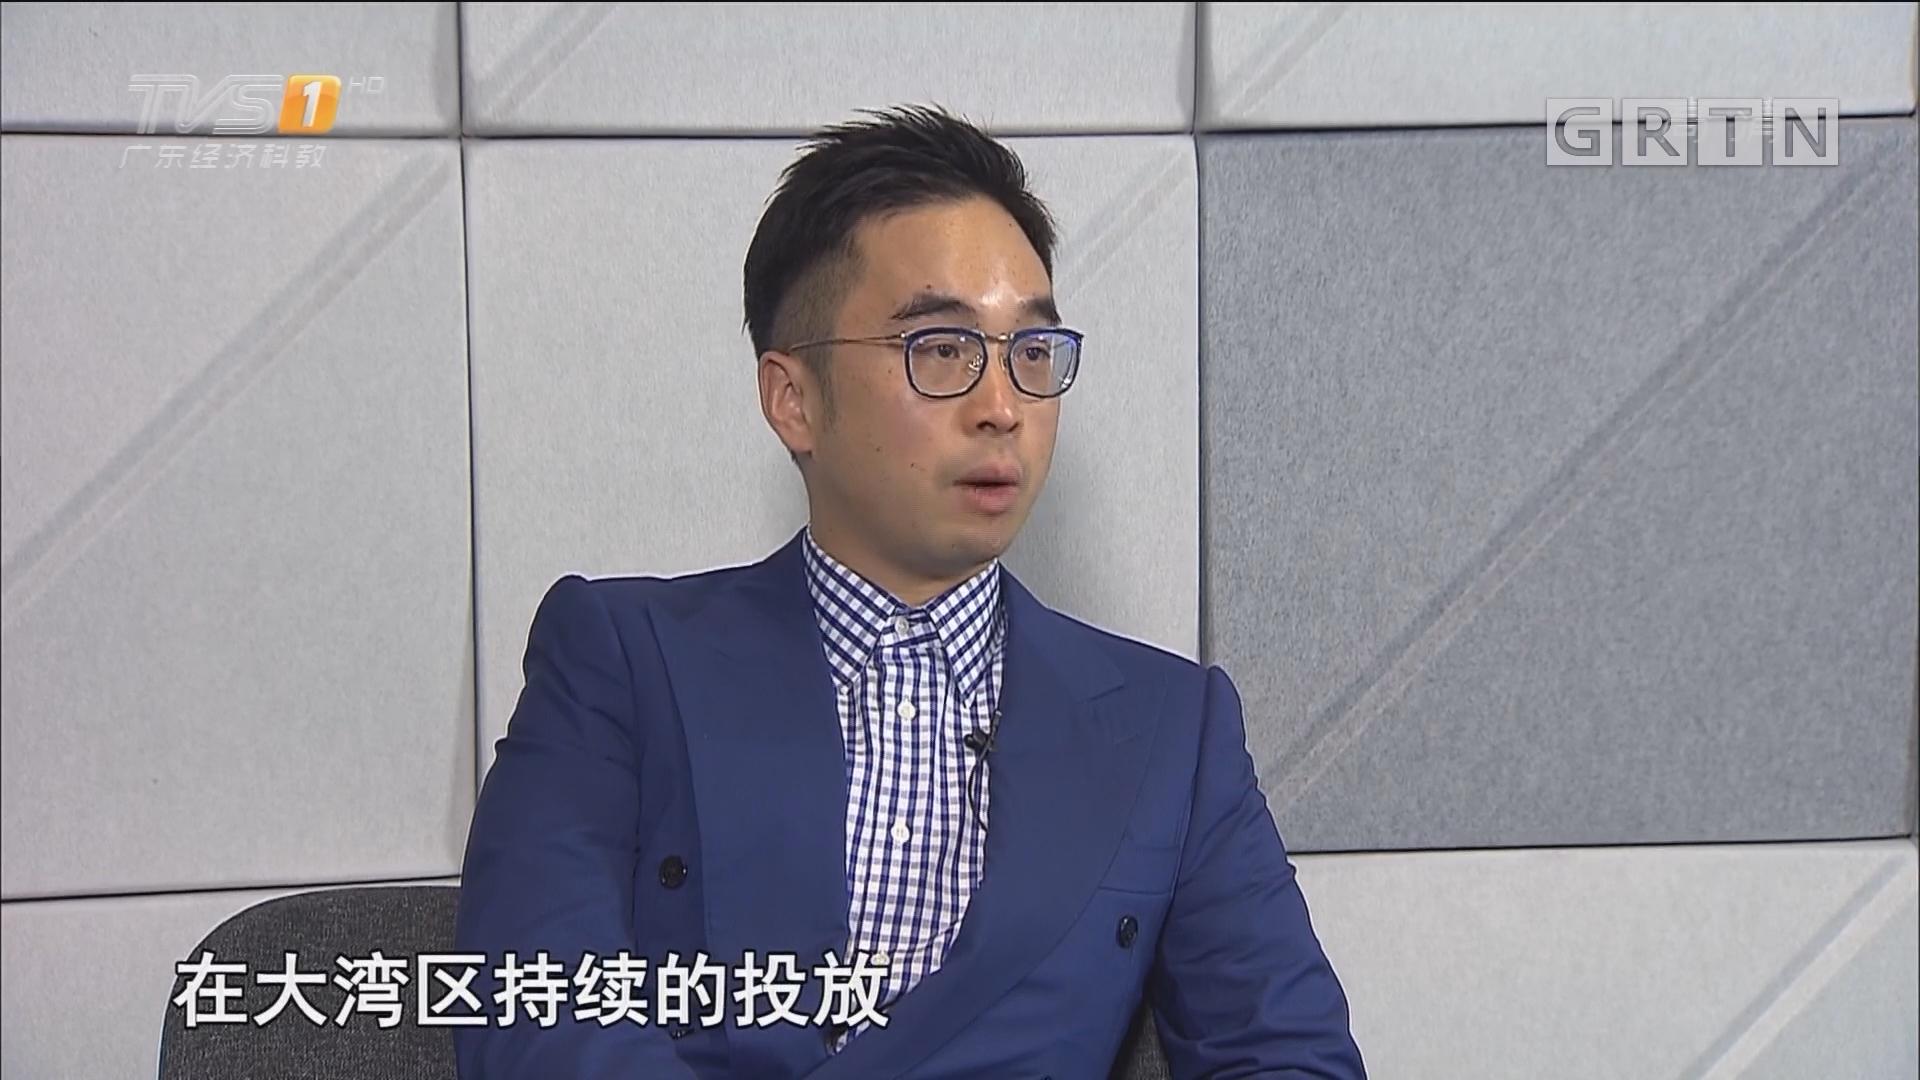 对话郑志刚:创新多元化布局粤港澳大湾区